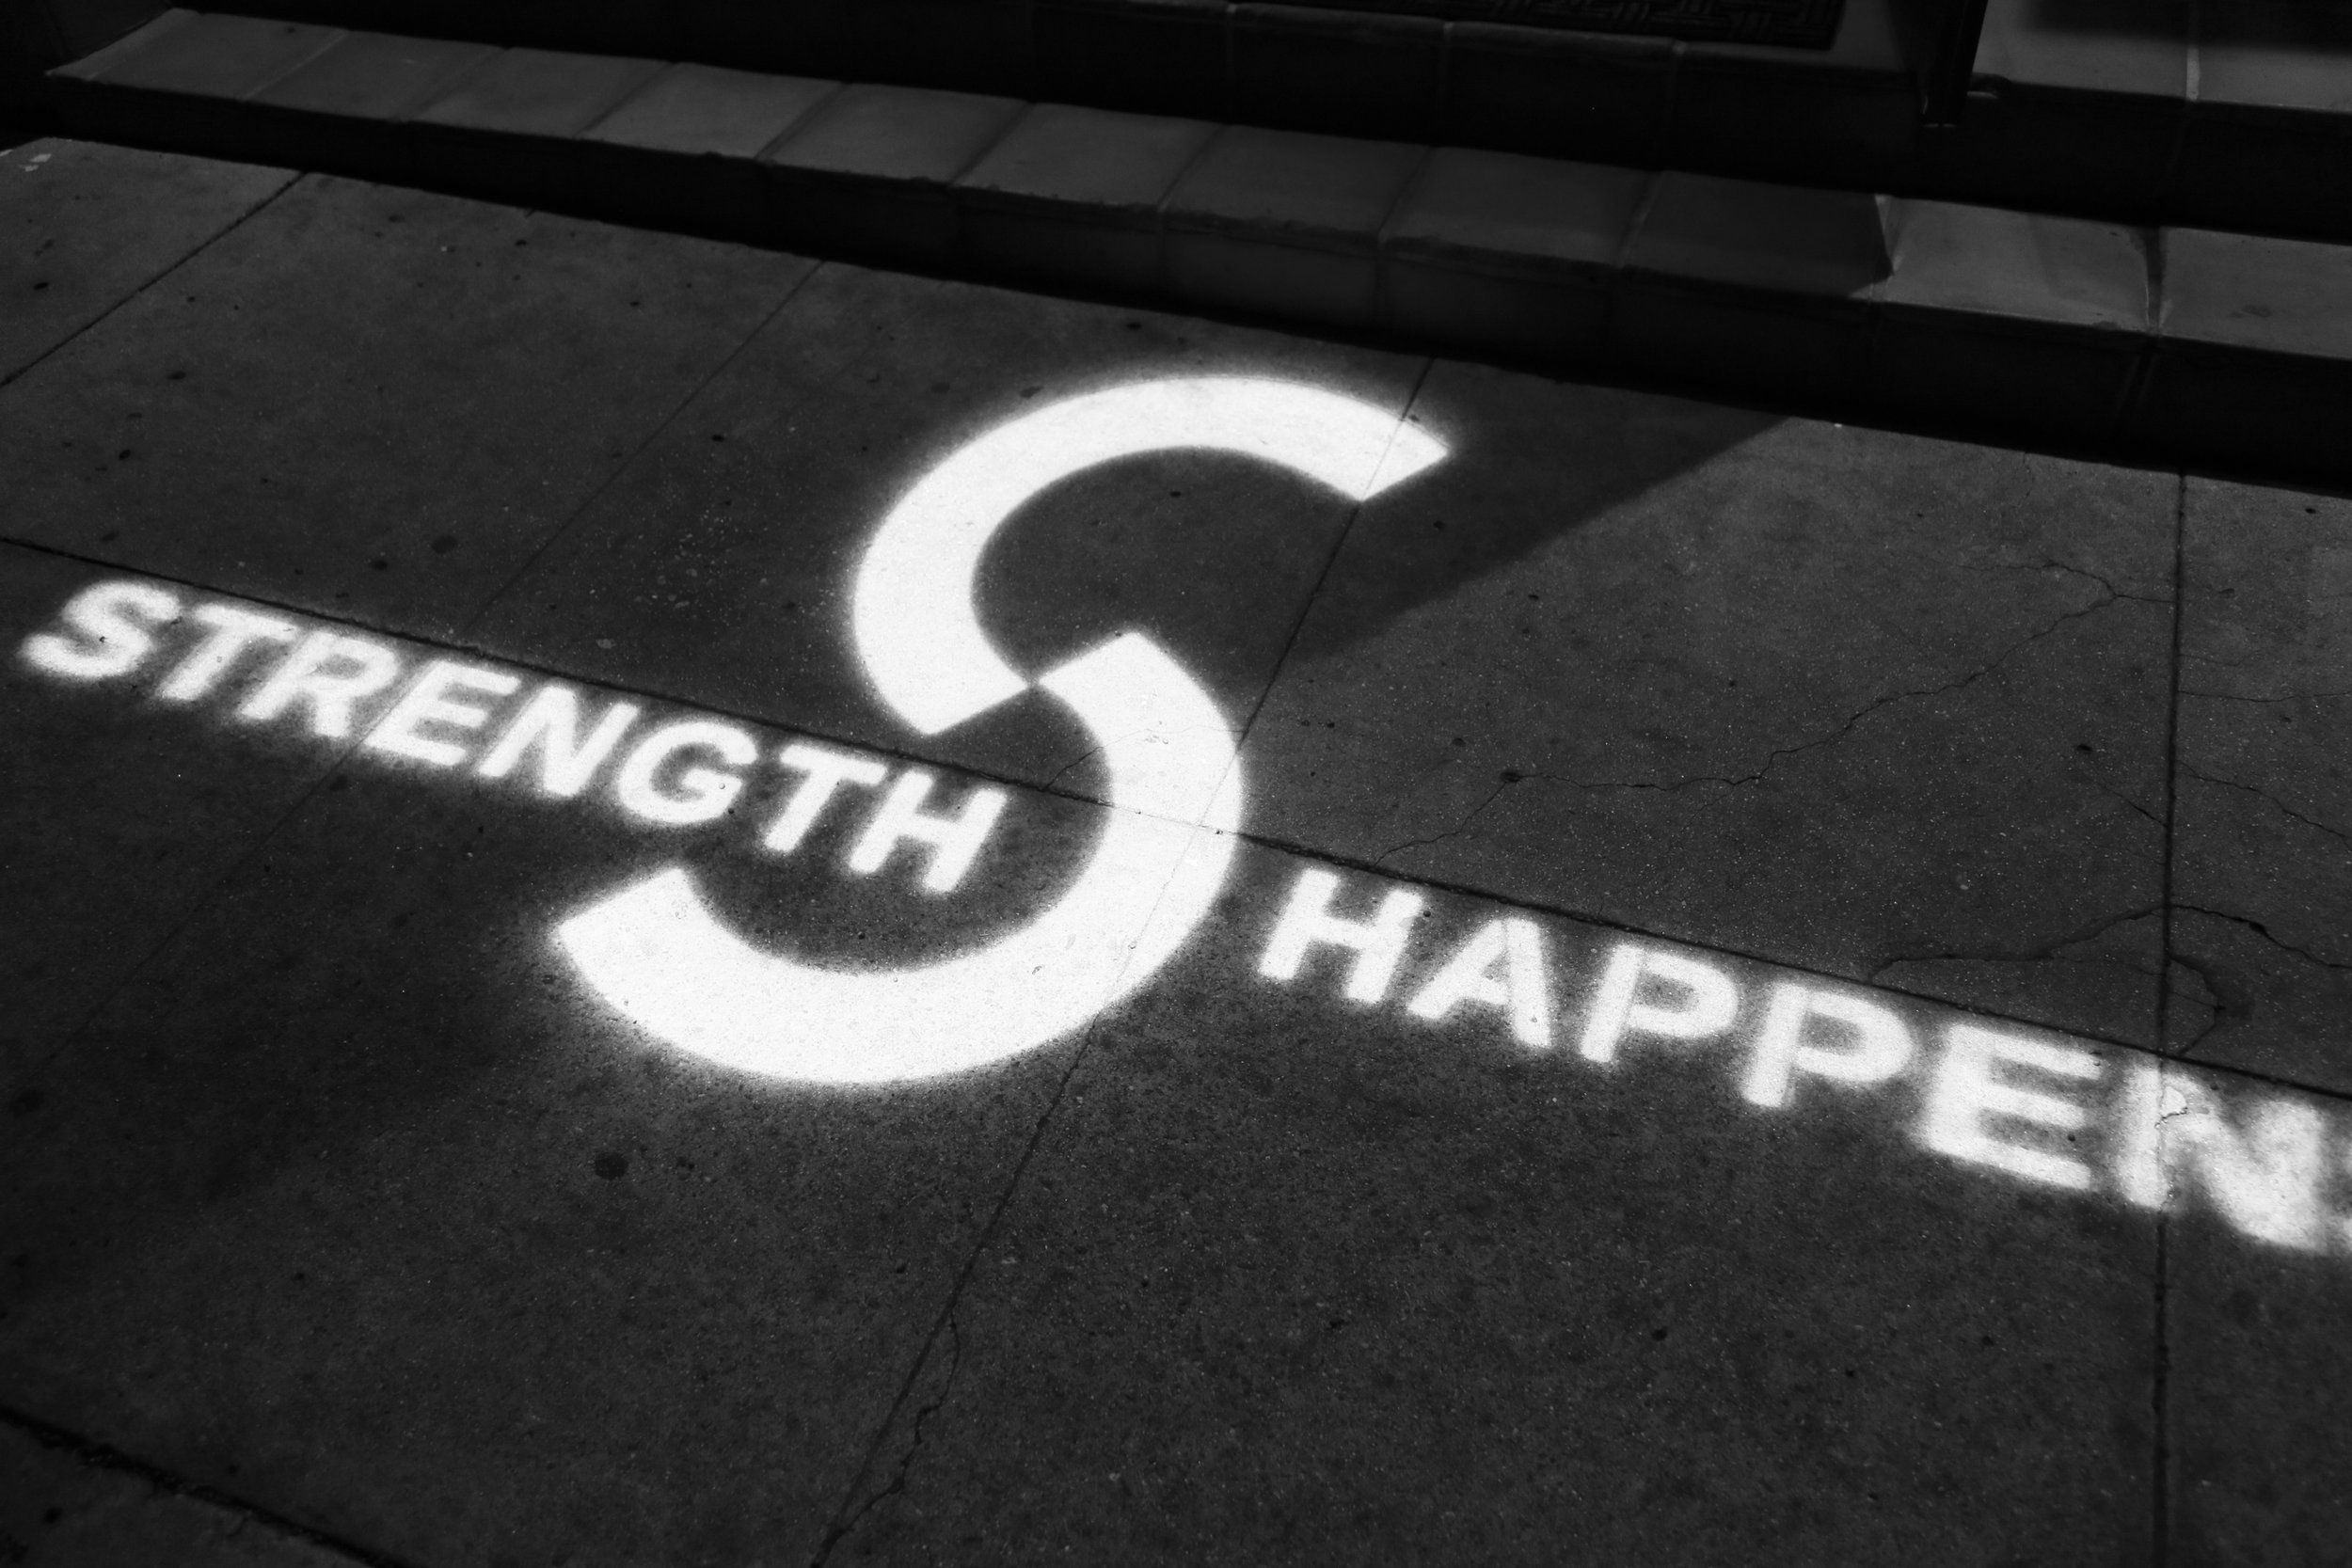 180302_strength_happens_0049.jpg